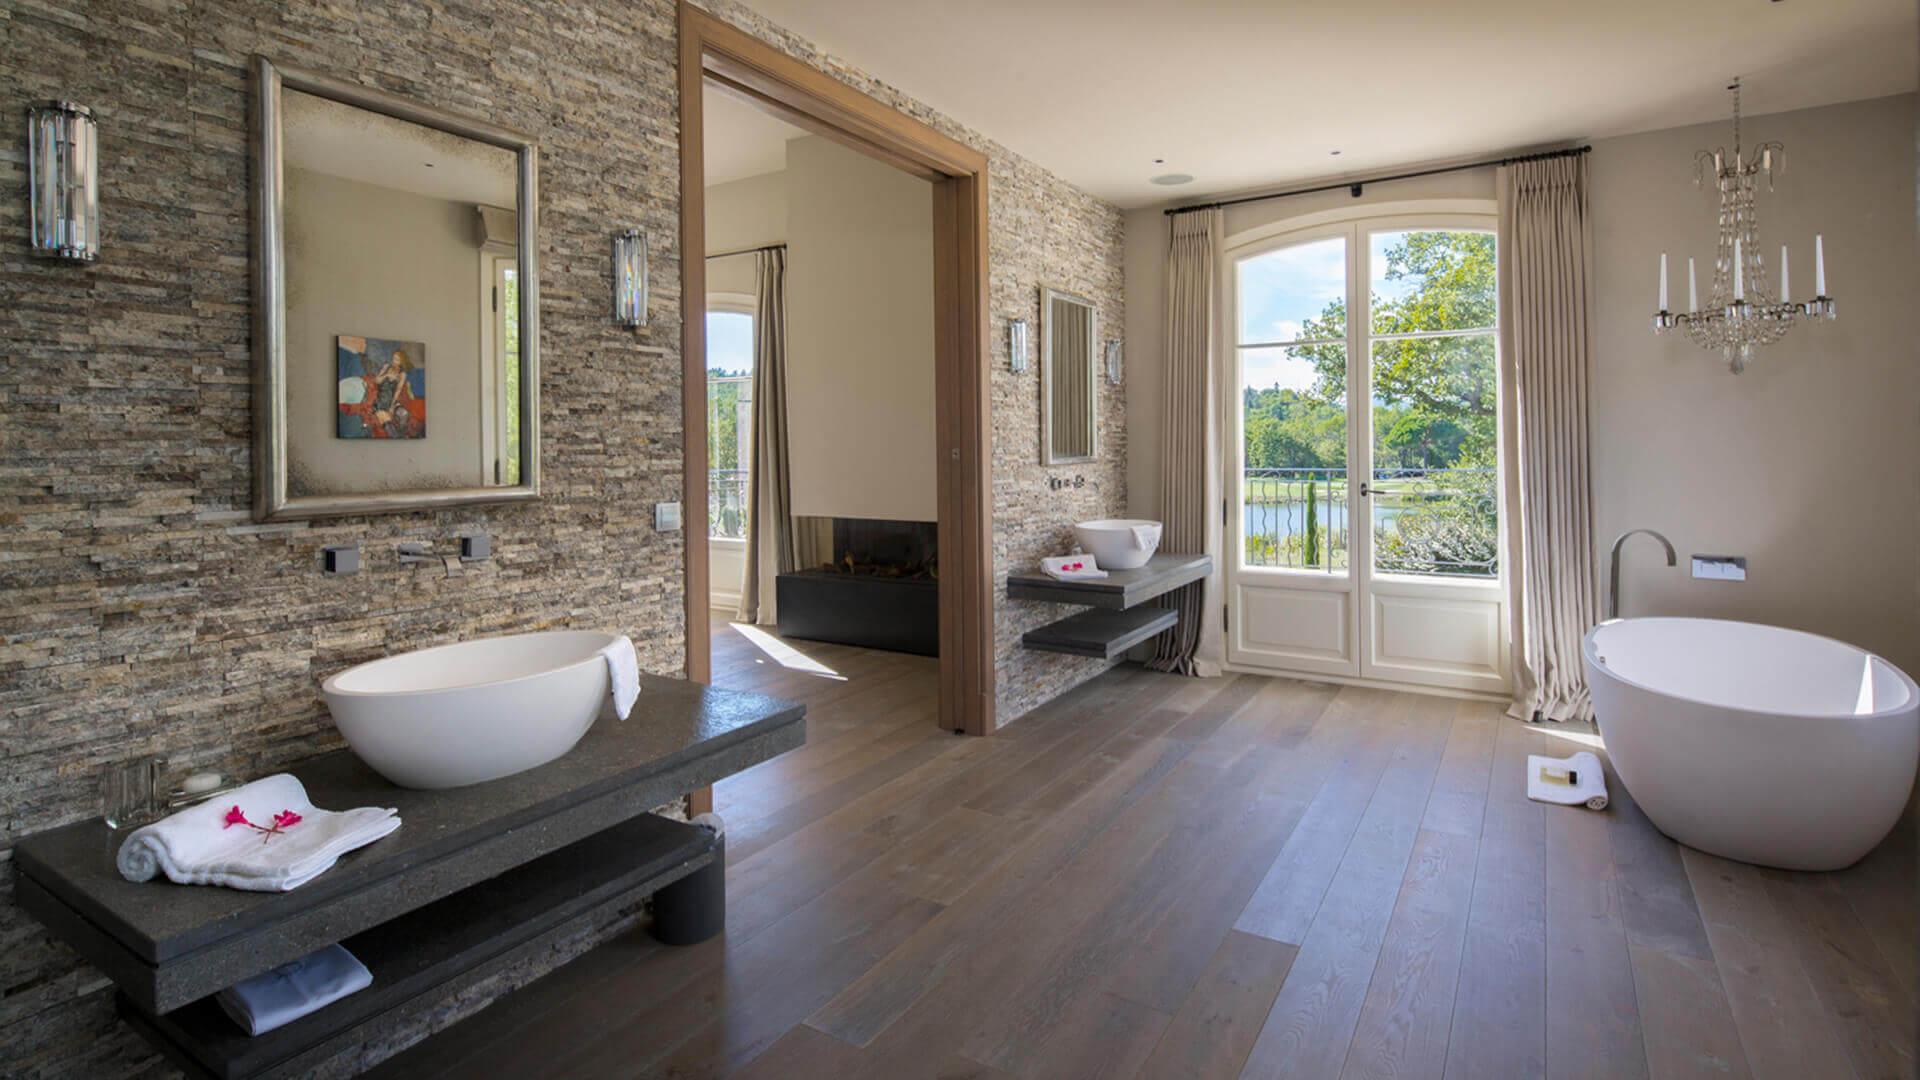 Villa Fayence bathroom with bathtub